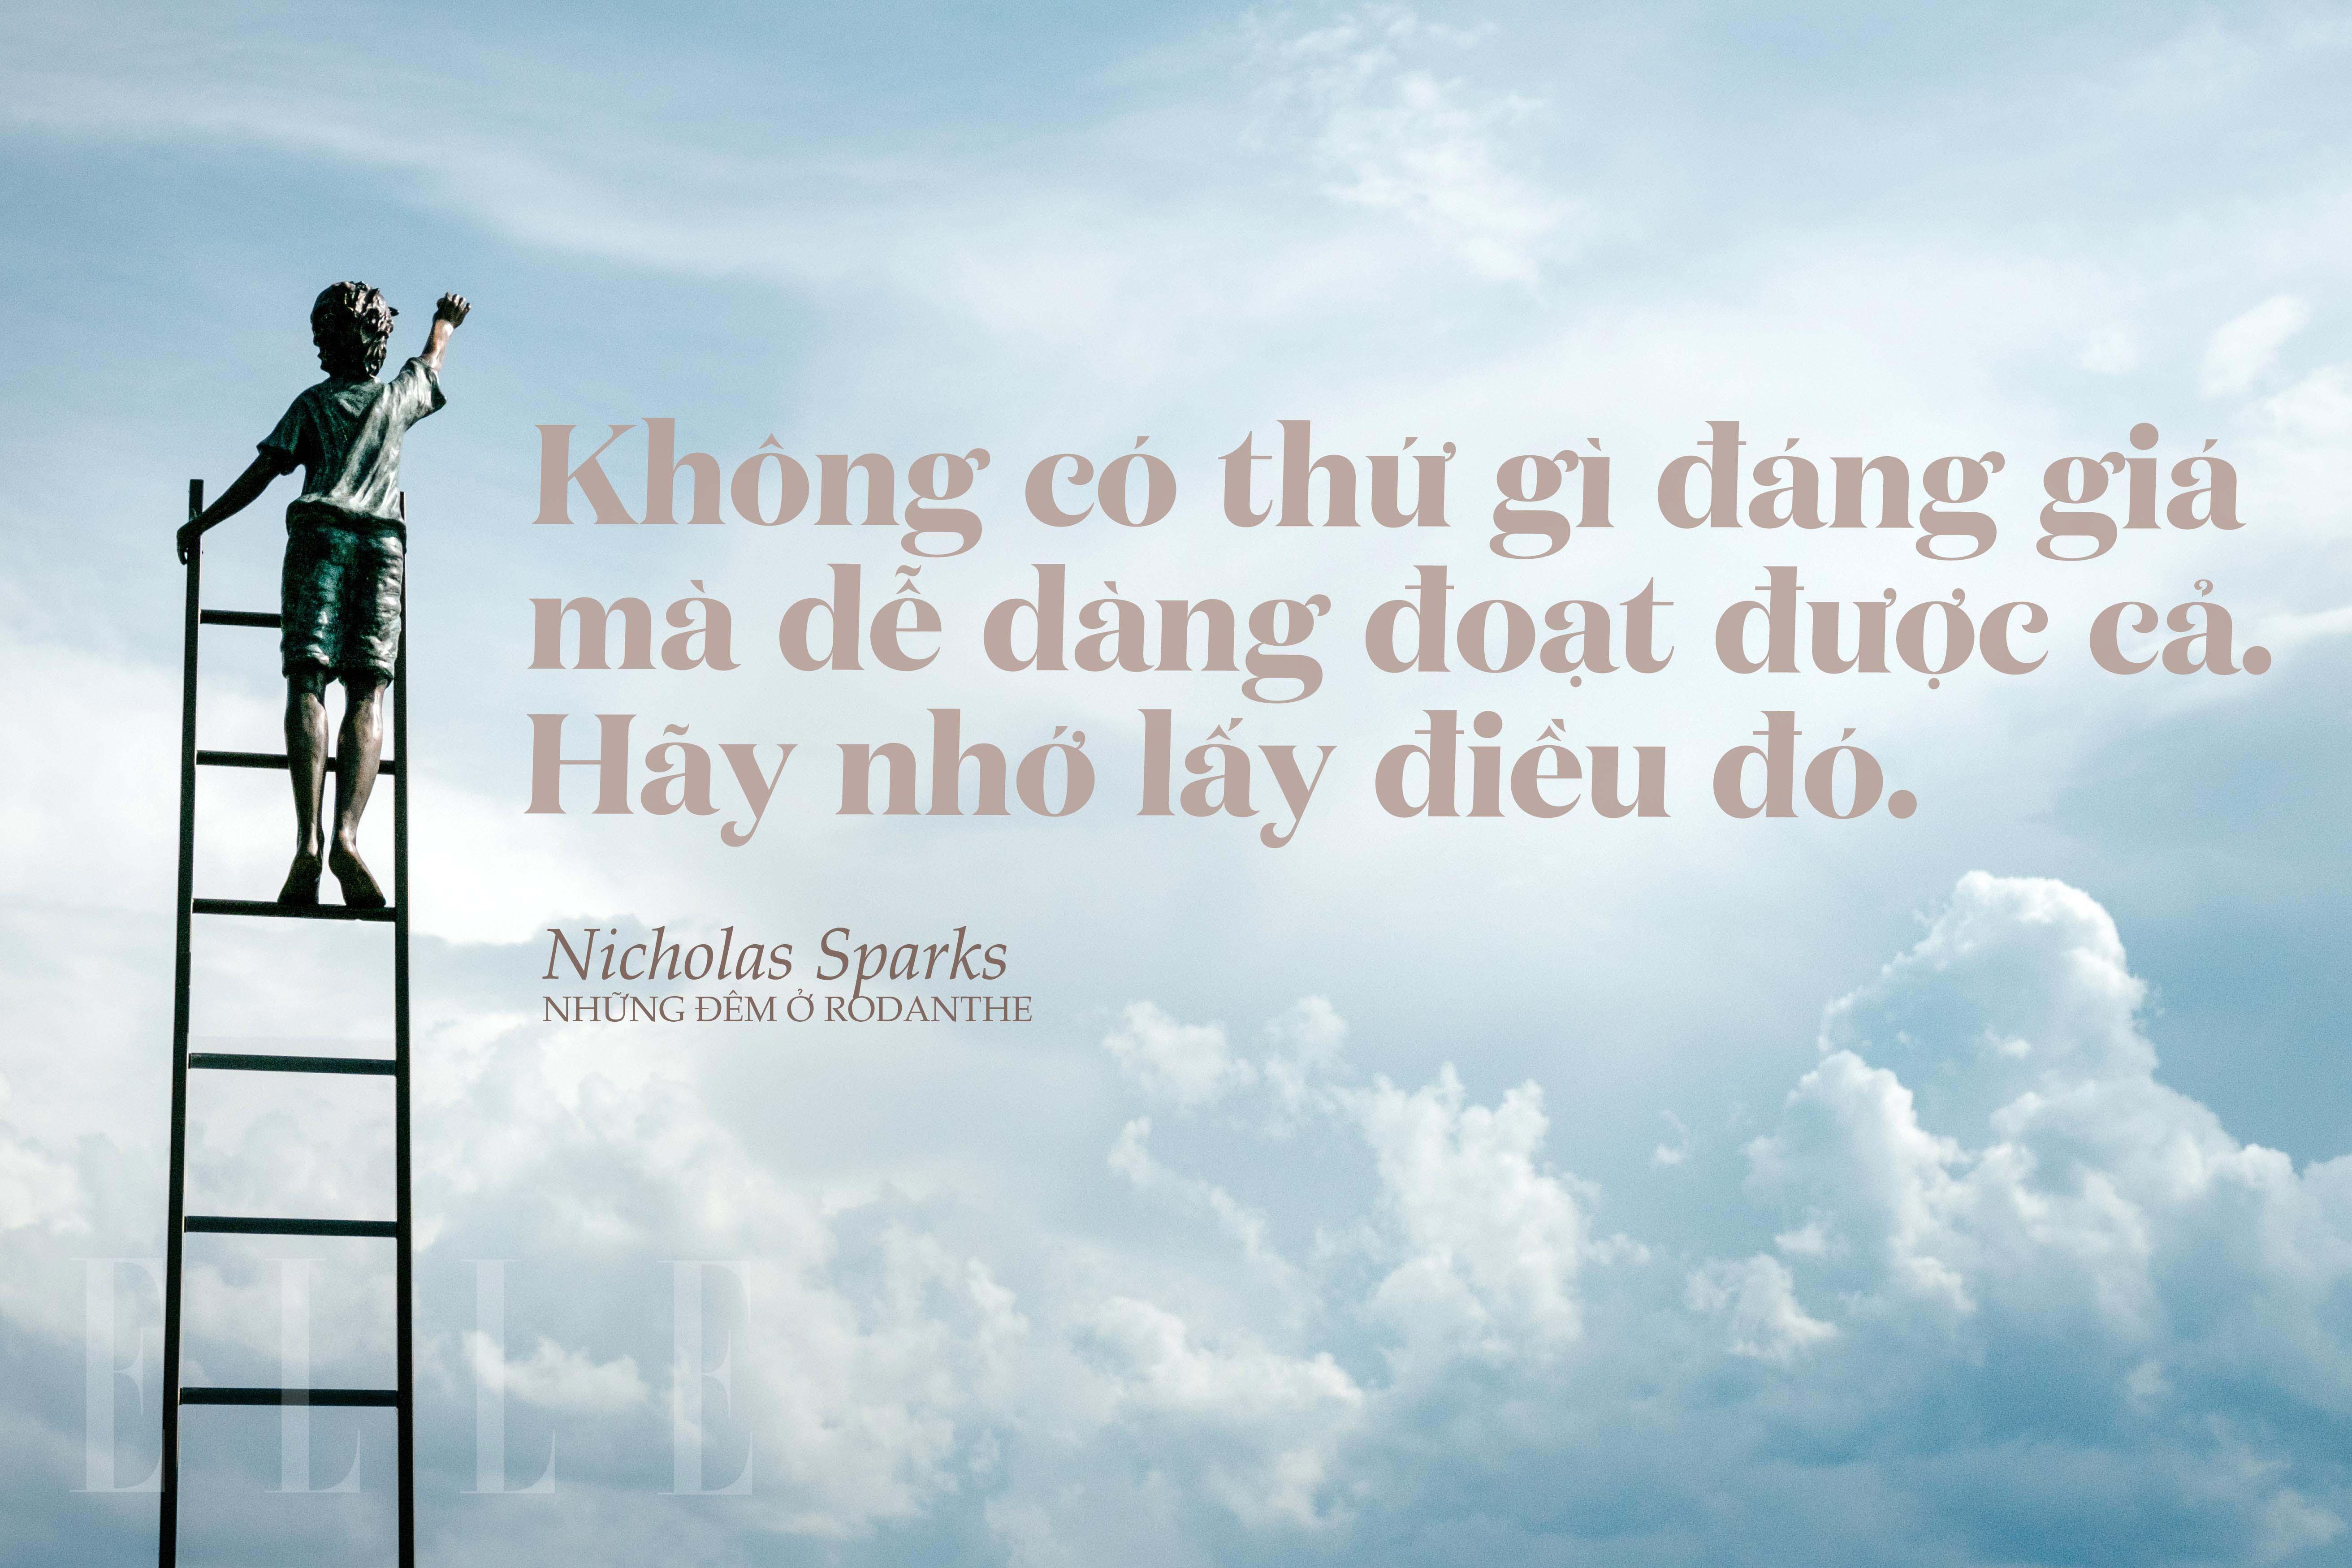 Nicholas Sparks 9